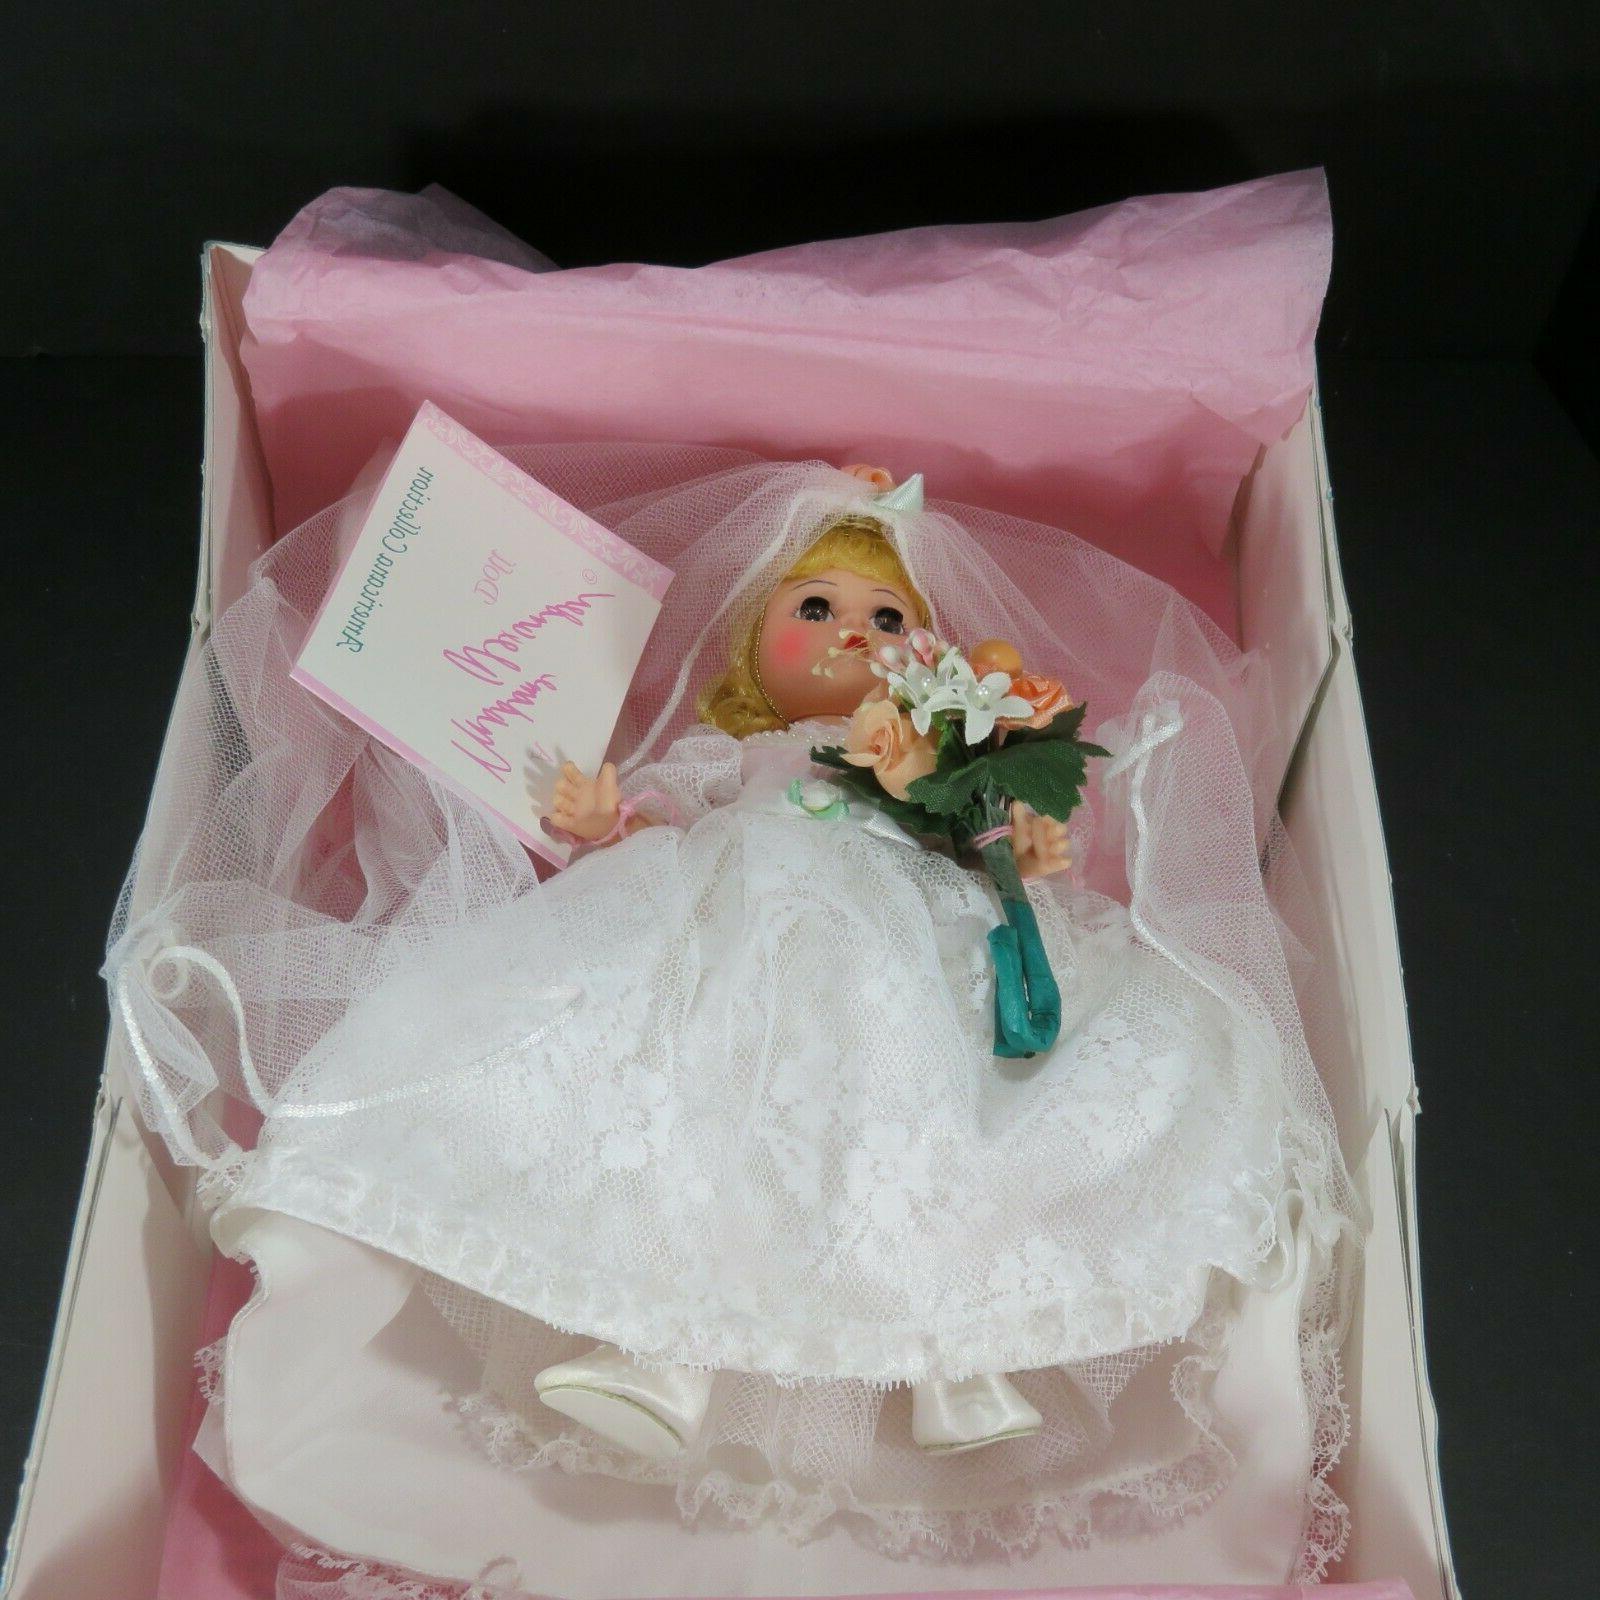 8 bride doll 337 new in box